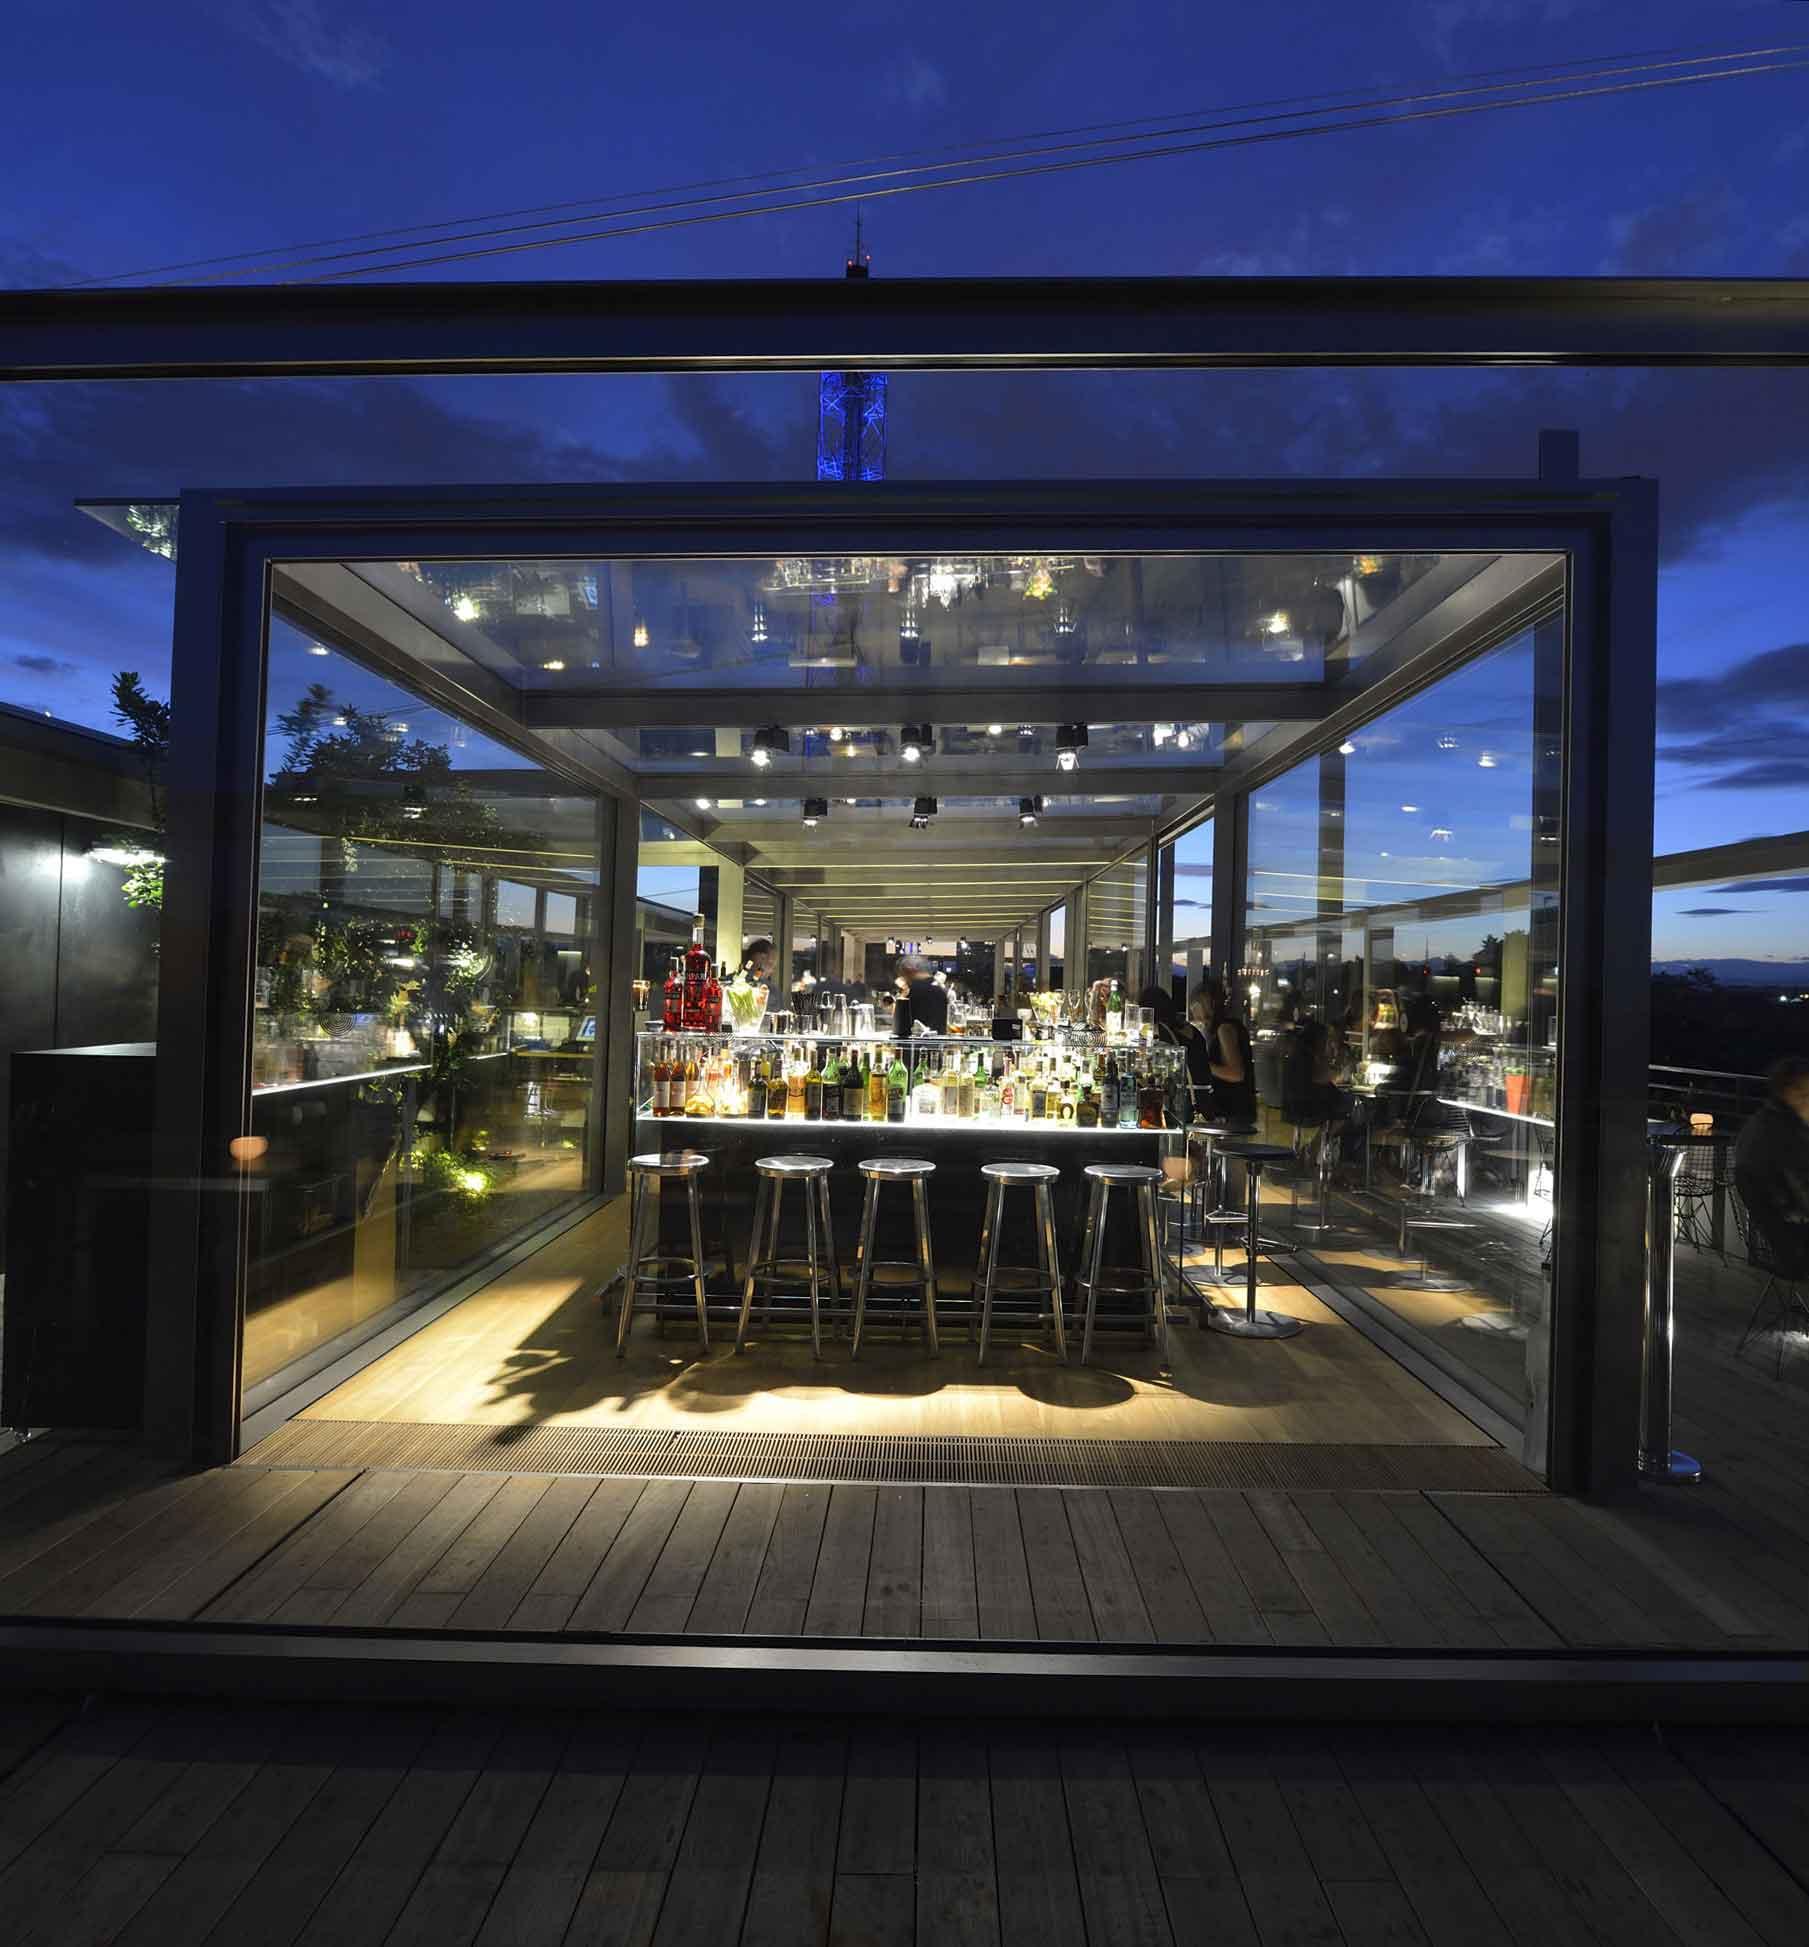 Terrazza Triennale - Osteria con vista